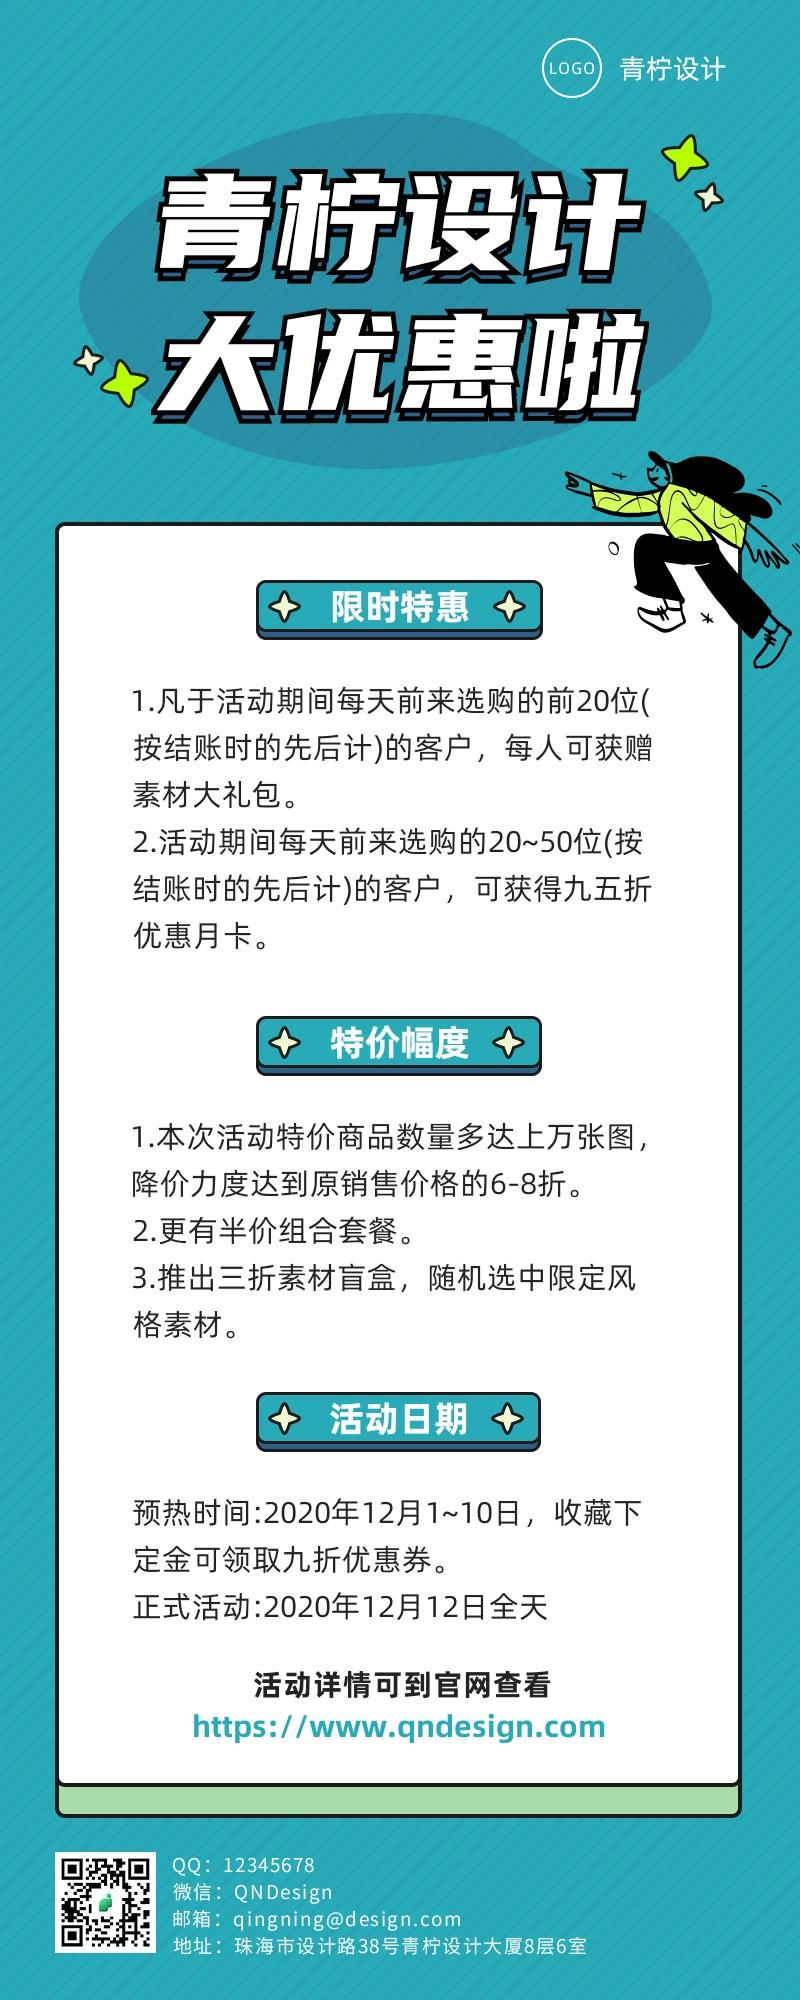 酷炫企业商务优惠通知公告